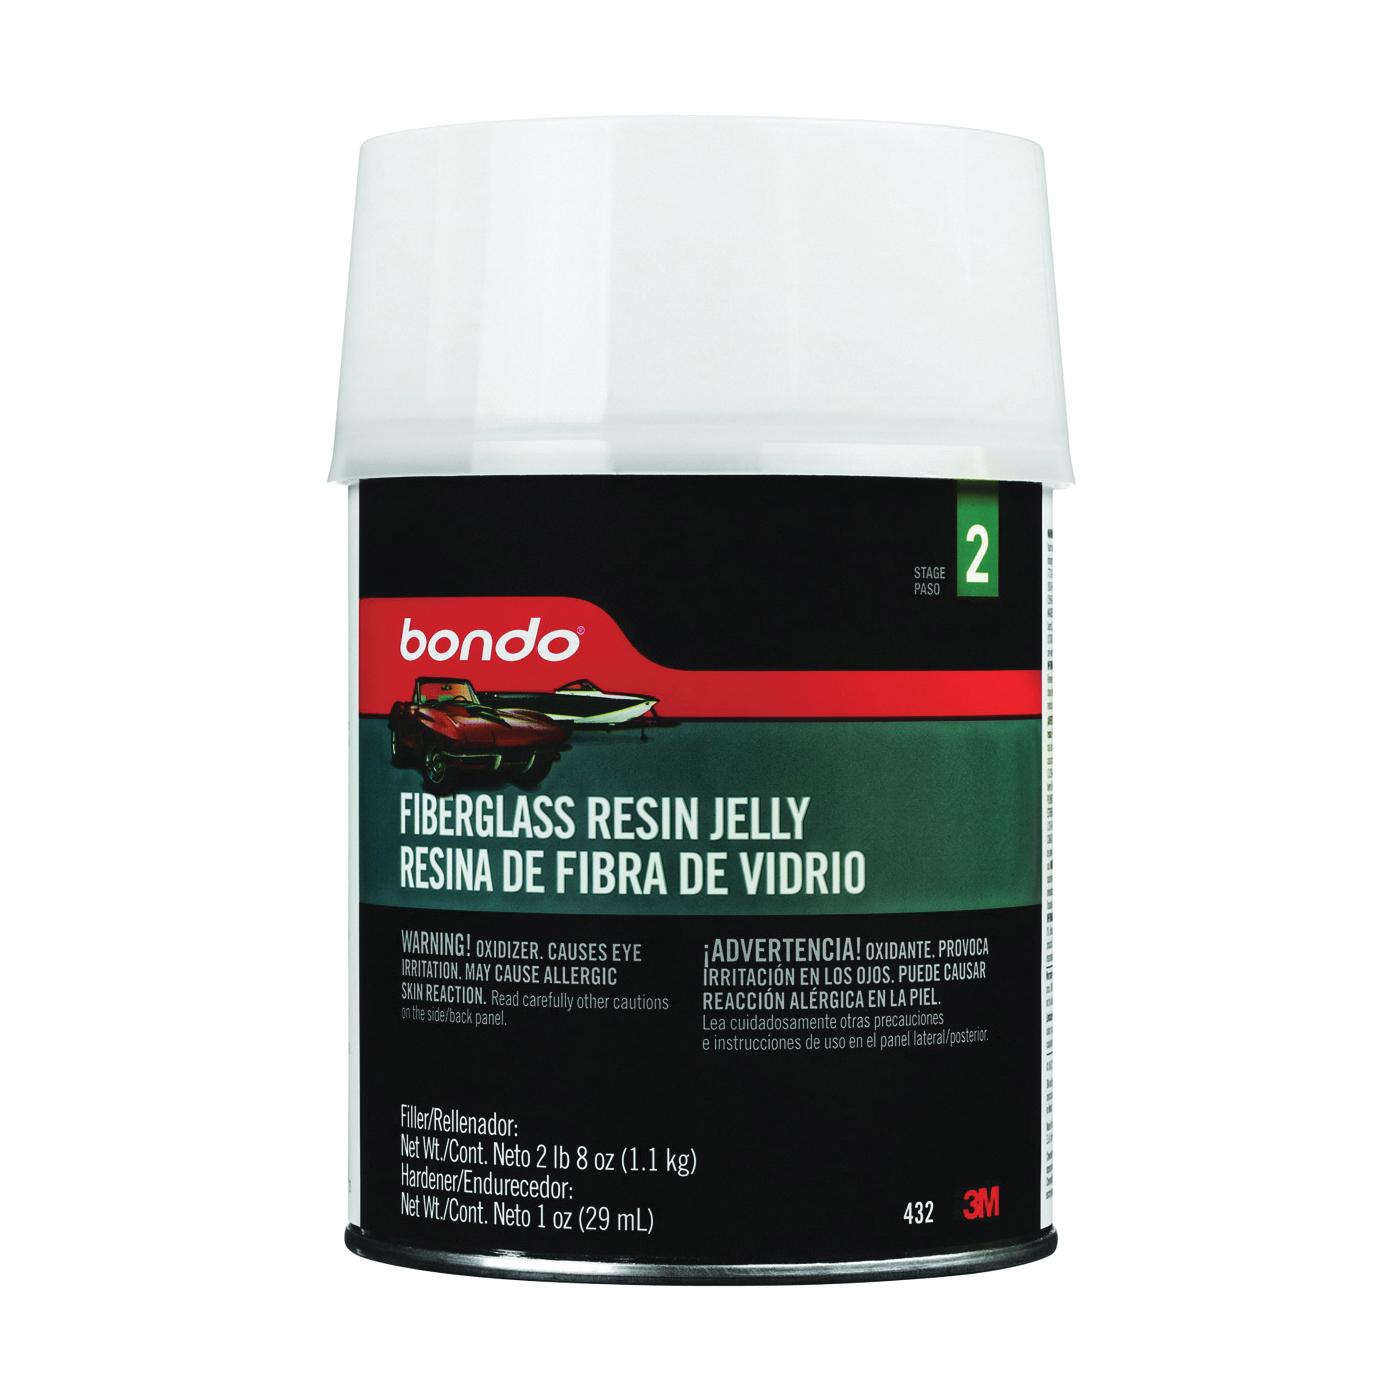 BONDO/DYNATRON 432